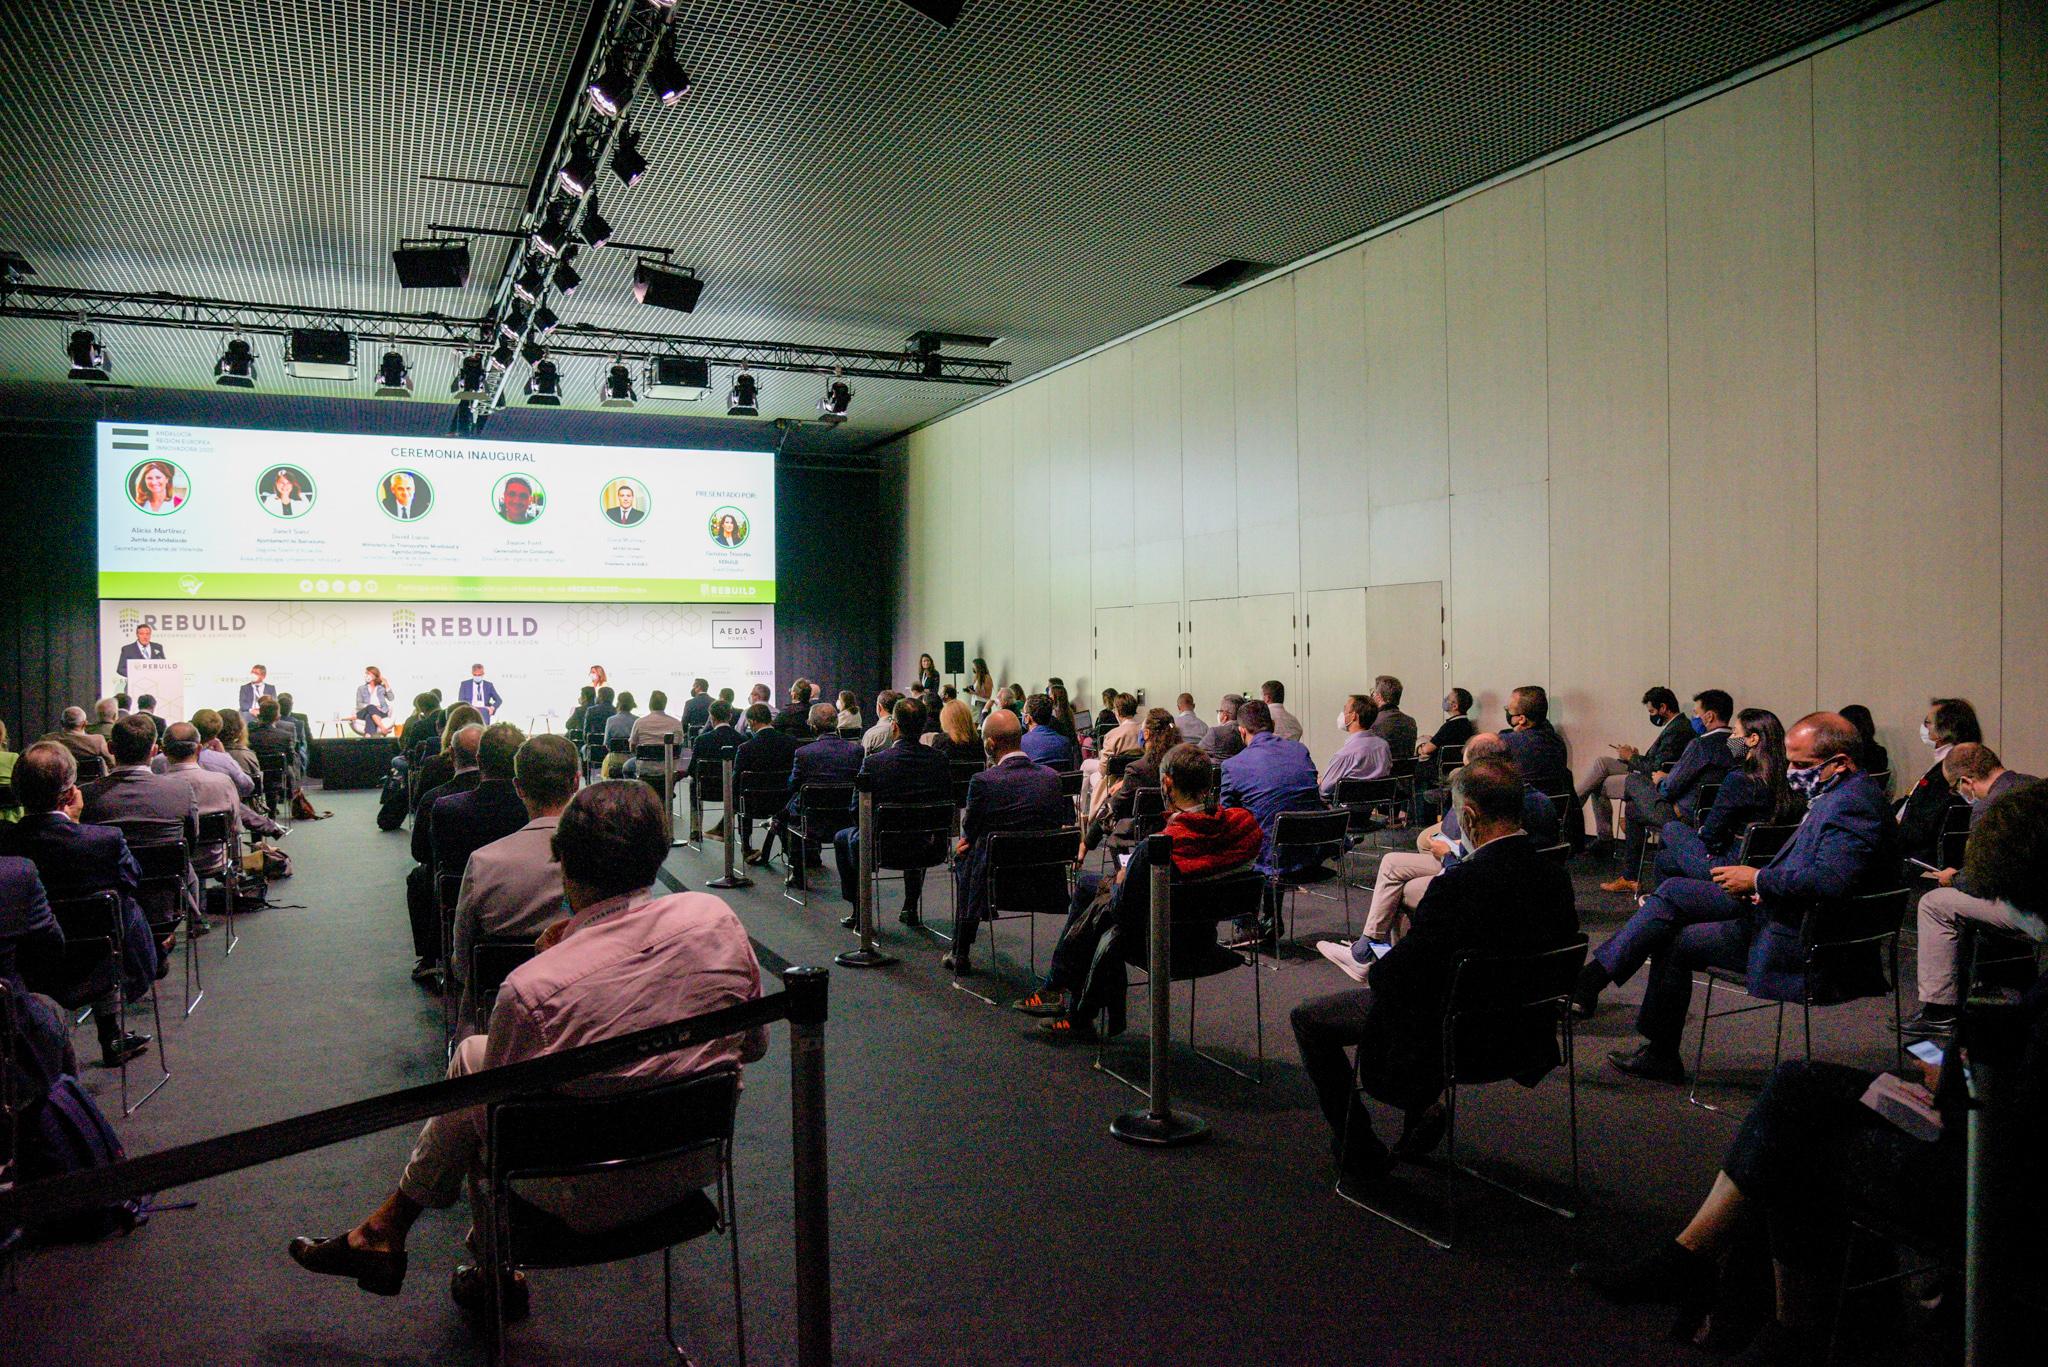 REBUILD reúne a 4.637 profesionales de la edificación en el primer evento presencial en Barcelona